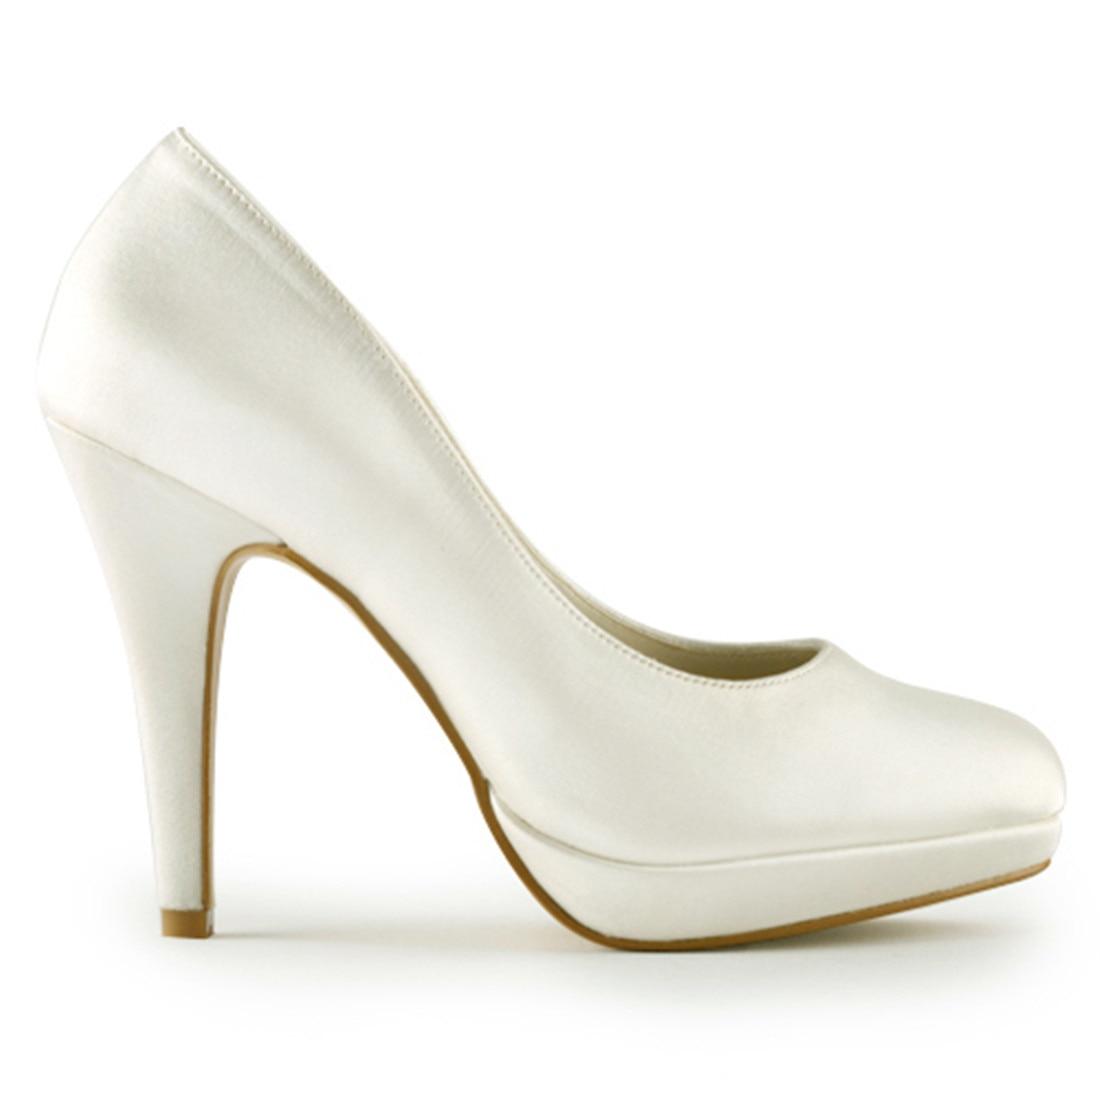 Elegante Dünne High Heels Braut Brautjungfer Elfenbein Weiß Champagner Plattform Pumpen Luxus Satin Hochzeit Schuhe Uninnova 521 1 LY - 4